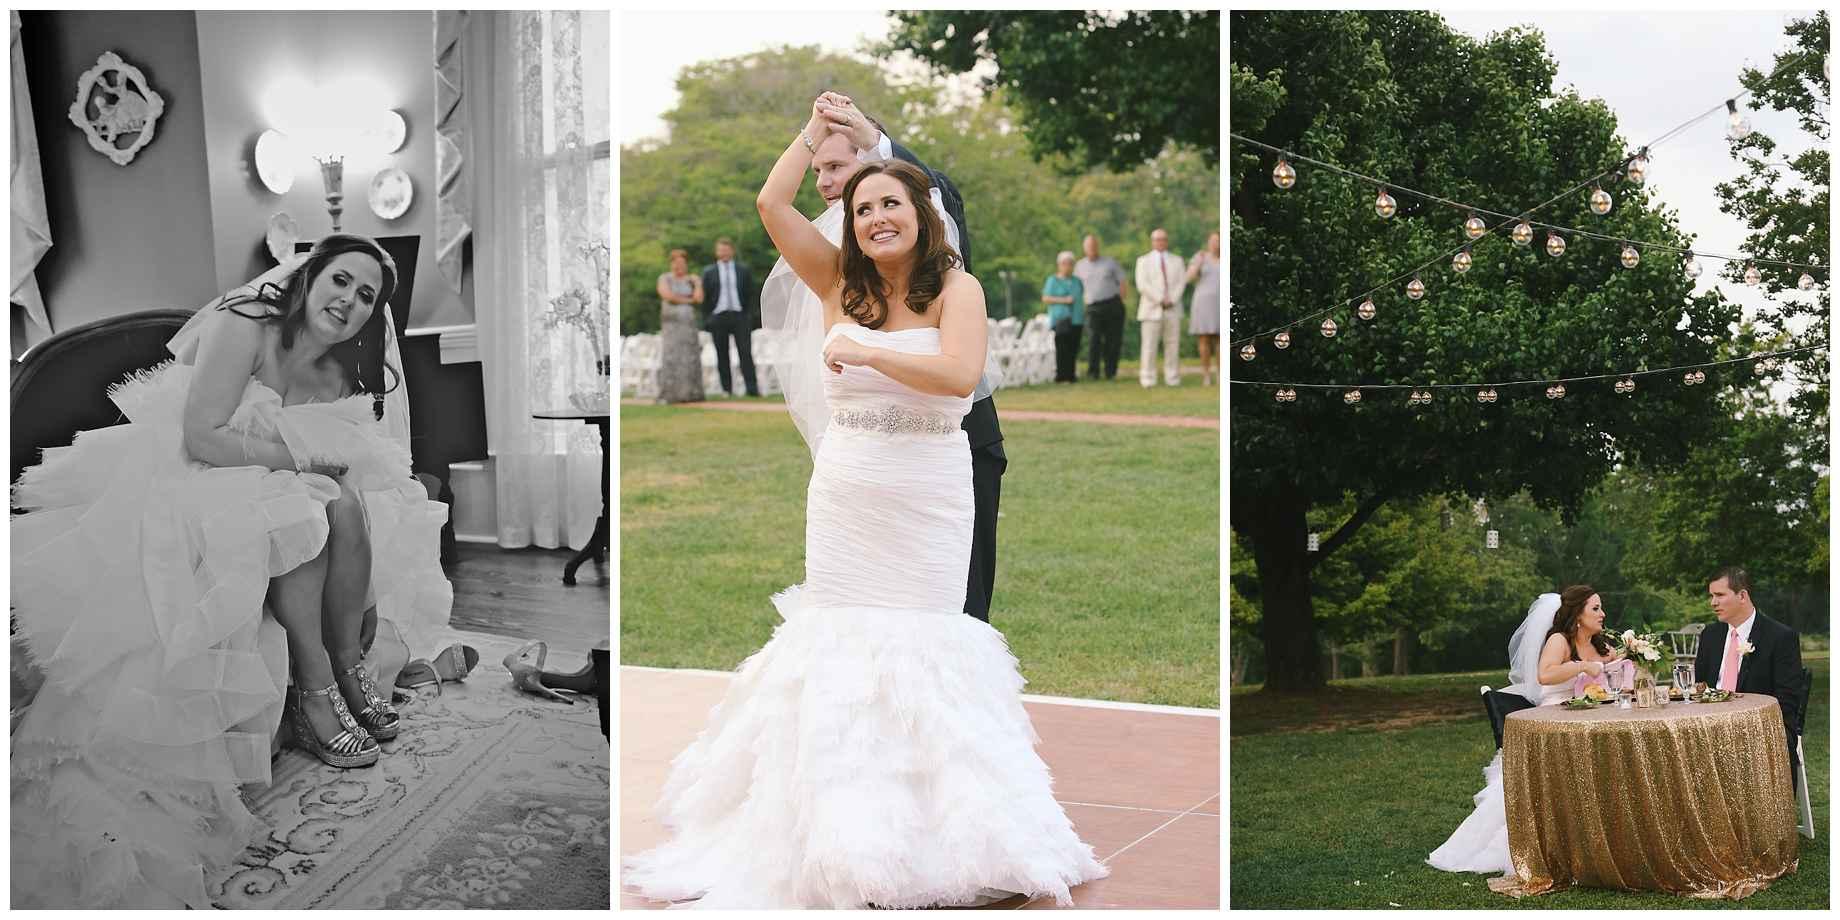 tyler-texas-wedding-photorapher-23